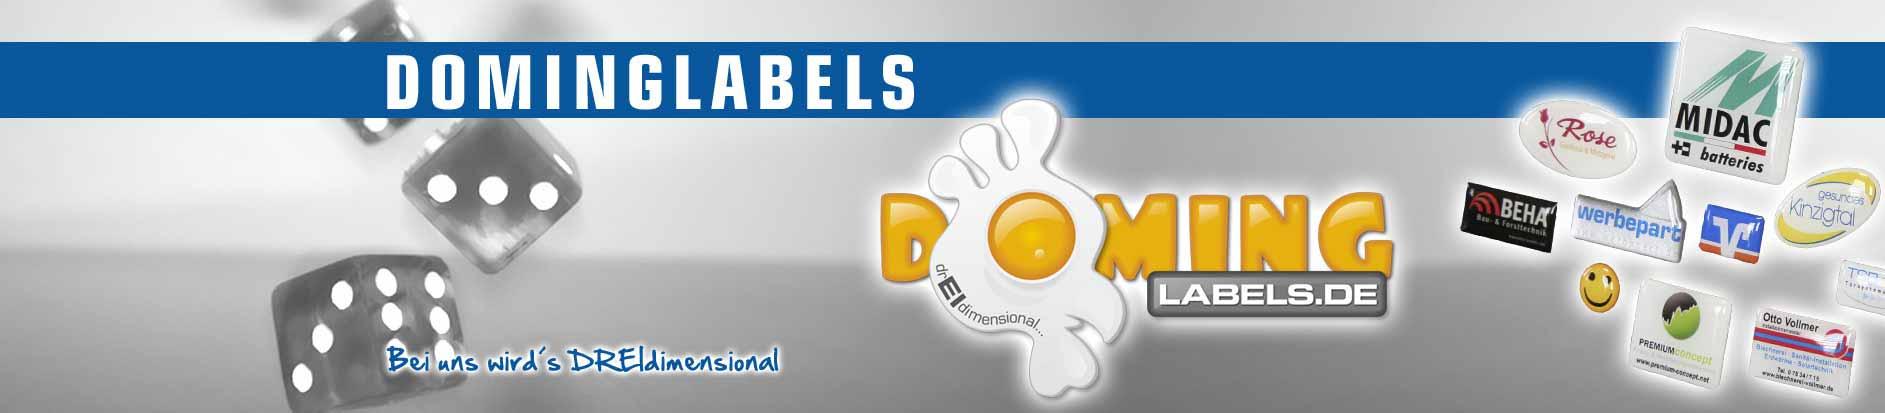 Slider Dominglabels